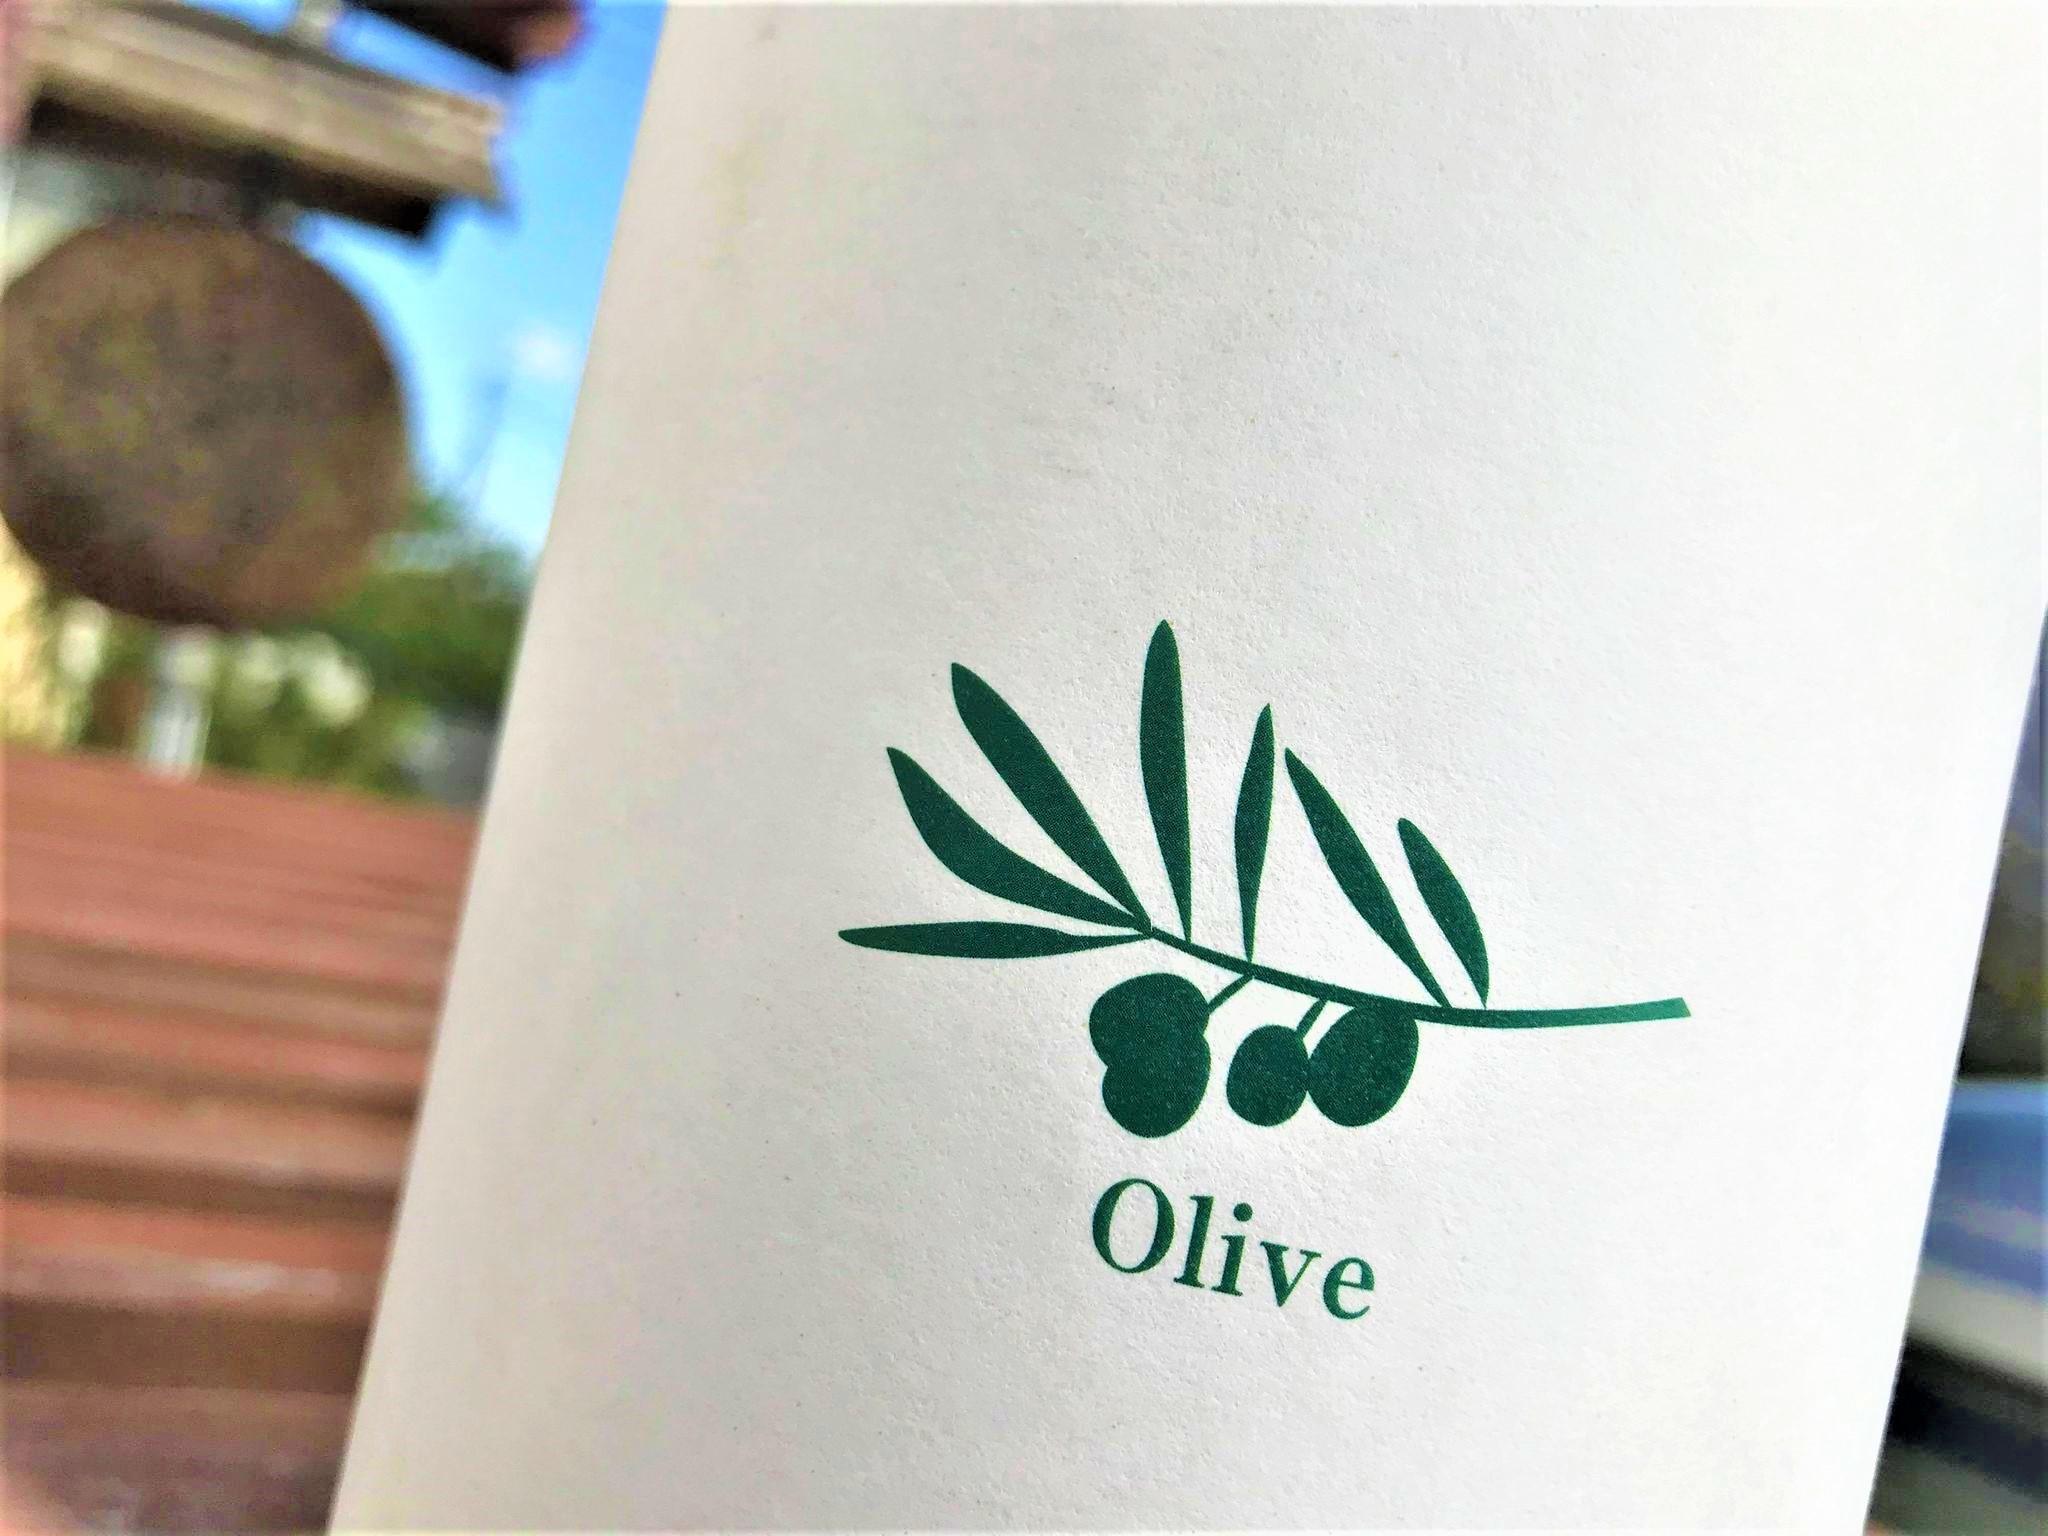 【日本酒】川鶴⭐特別編『Olive(オリーブ)』さぬきオリーブ酵母✨仕込み 純米吟醸 オオセト55磨き 特別限定蔵出し 令和1BY🆕_e0173738_10442271.jpg